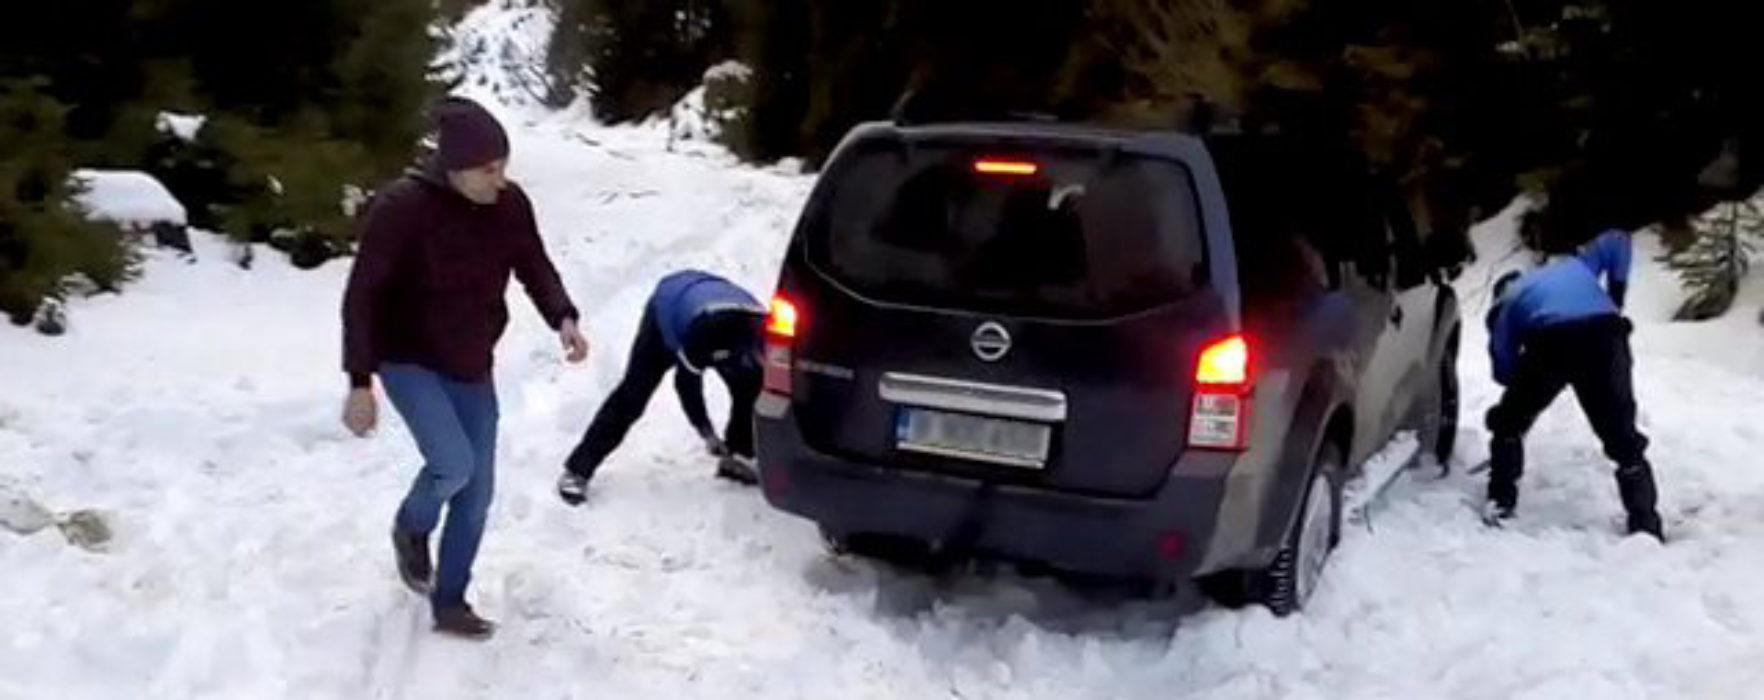 Dâmboviţa: Turişti rămaşi înzăpeziţi cu maşinile în zona montană, ajutaţi de jandarmi